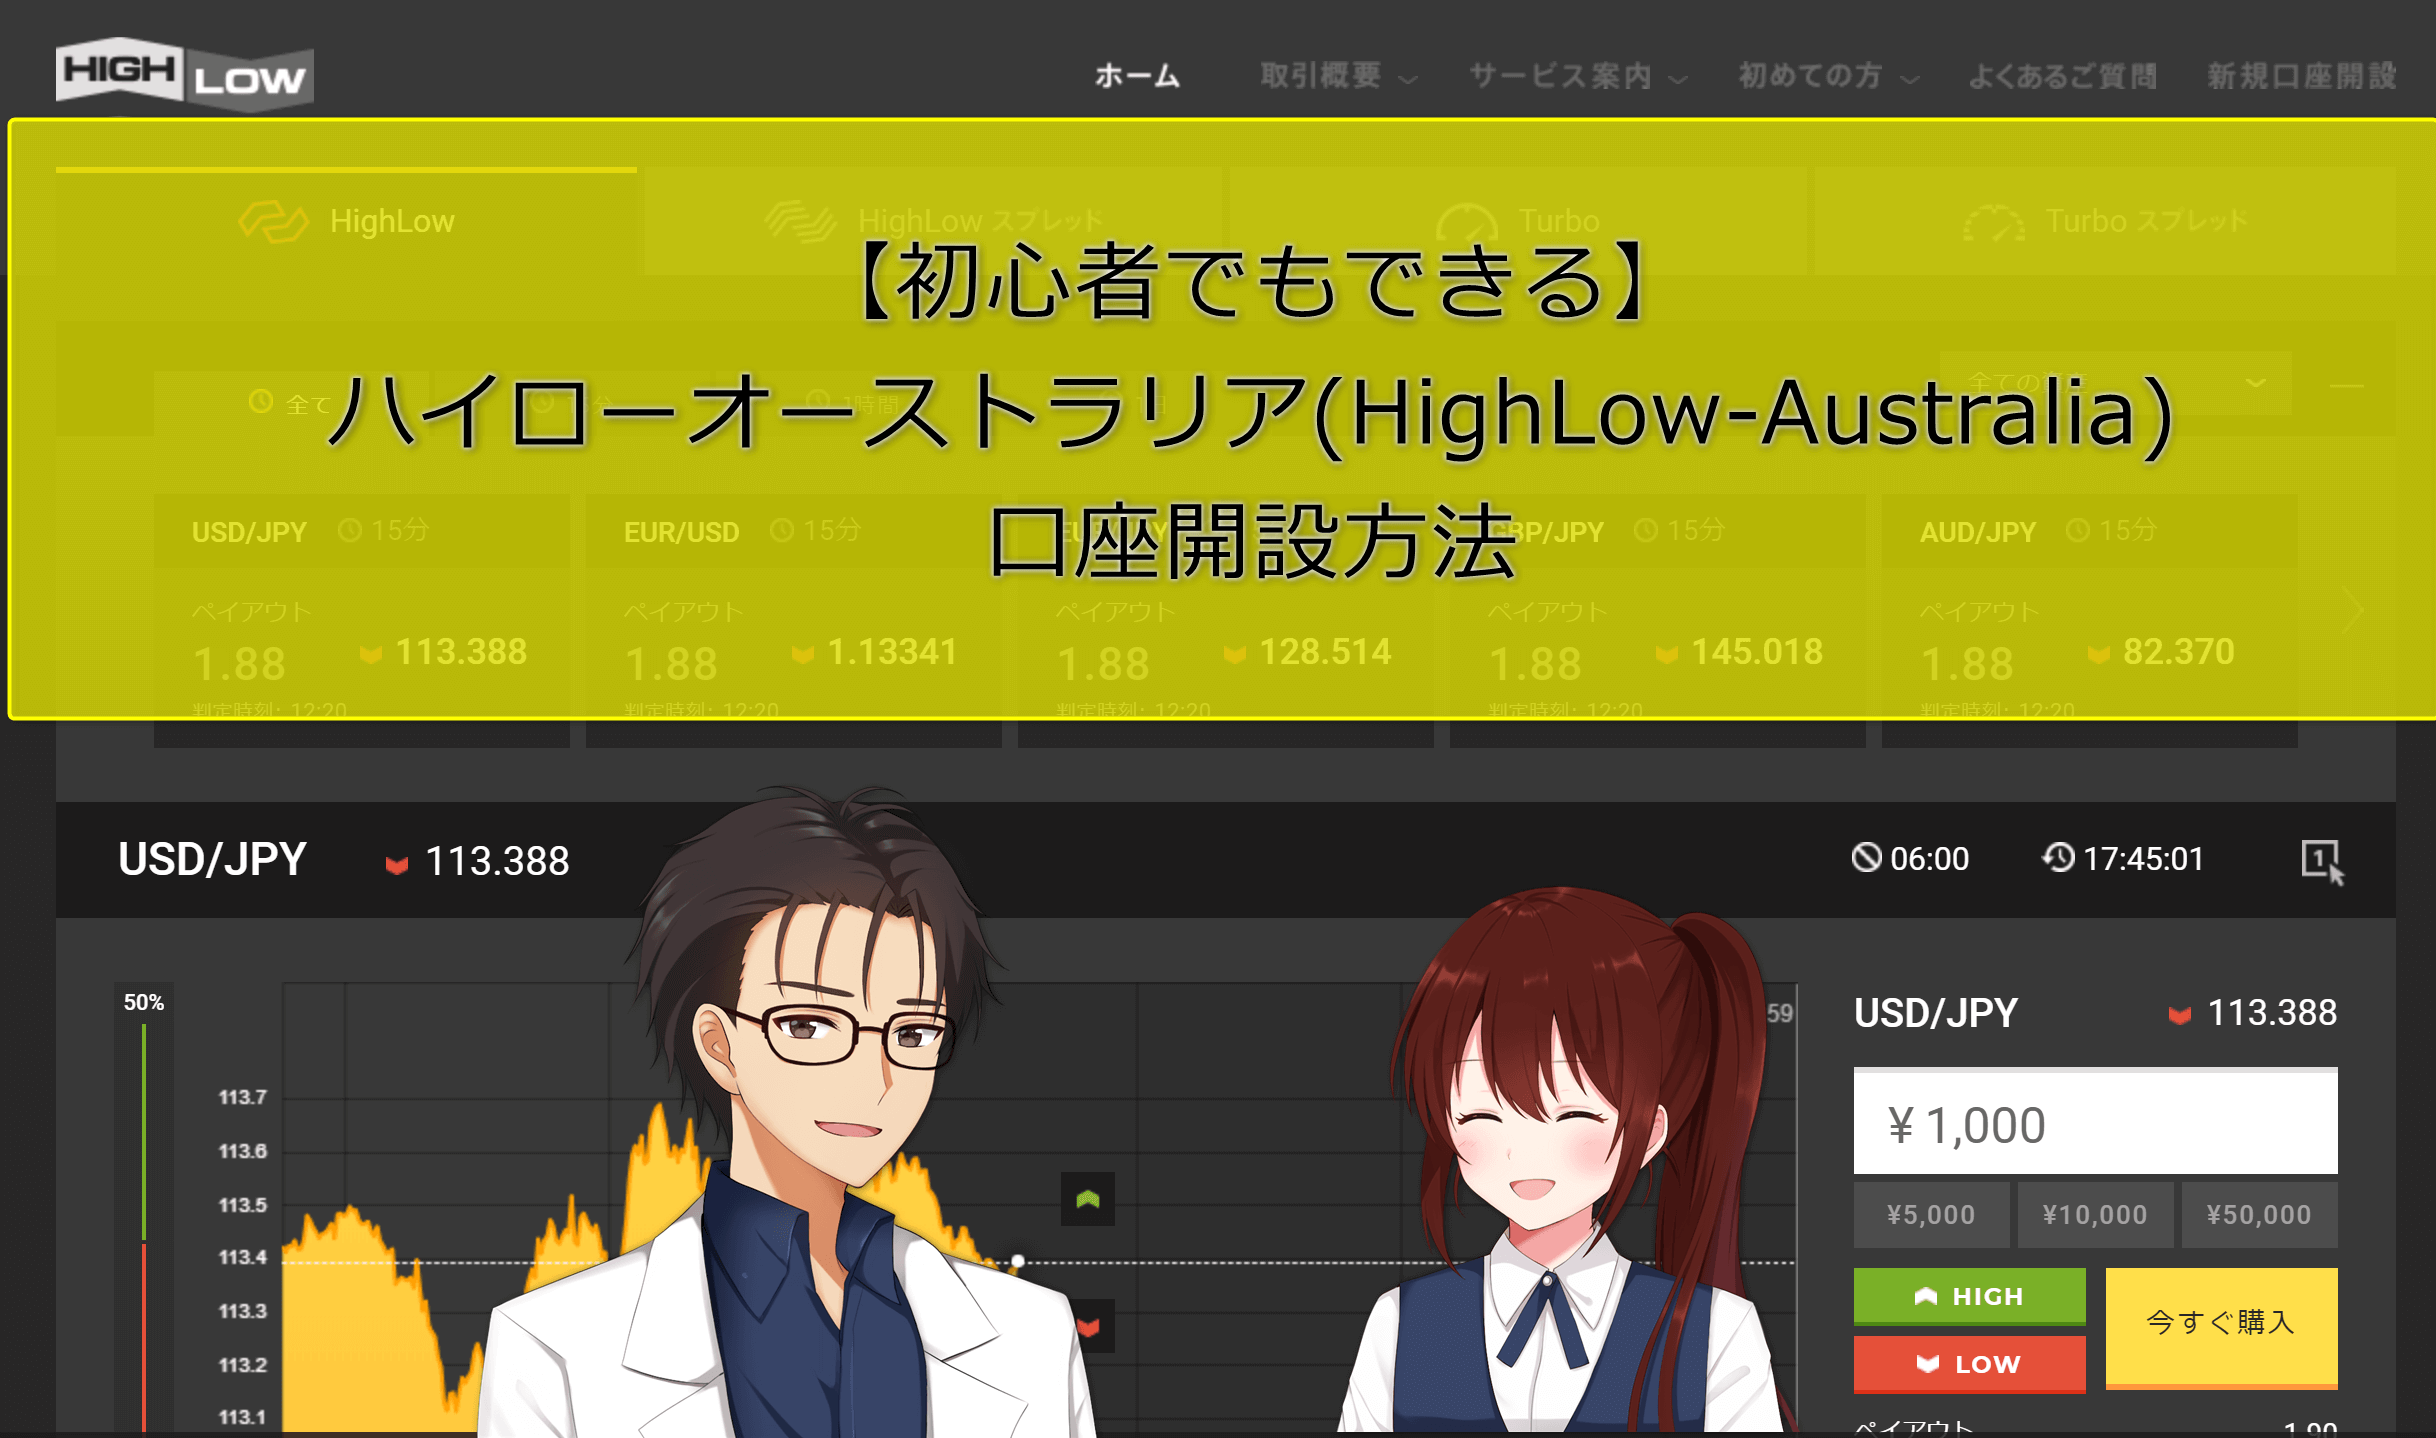 【初心者でもできる】ハイローオーストラリア(HighLow-Australia)口座開設方法